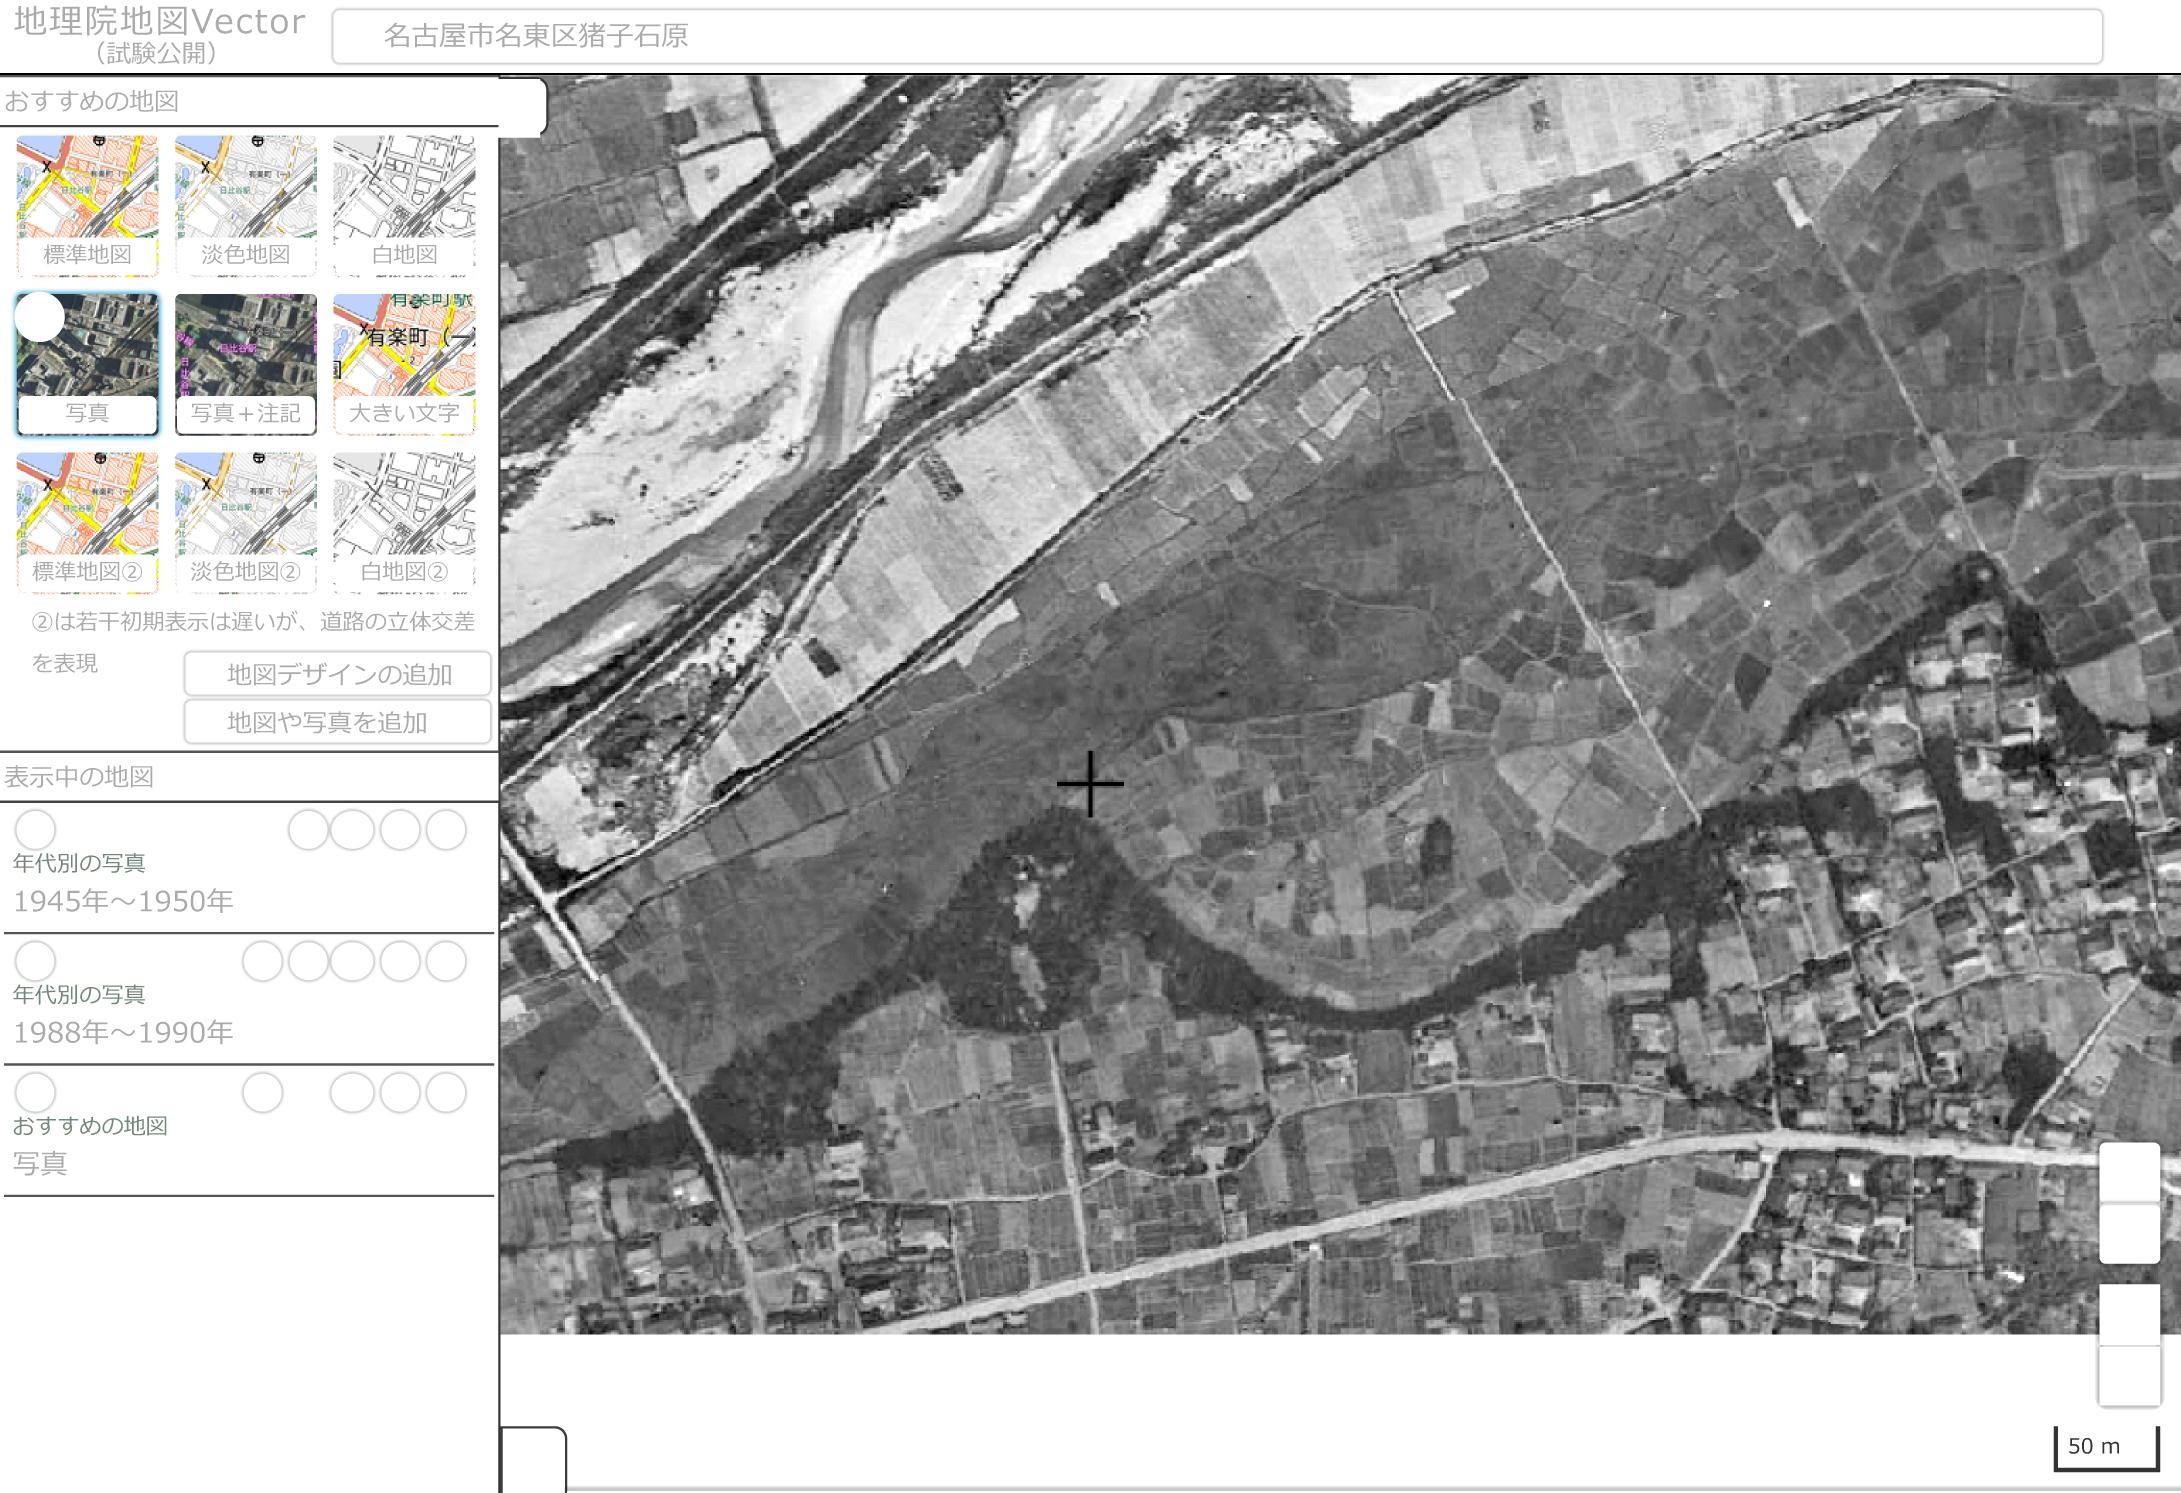 地理院地図Vector|国土地理院1950